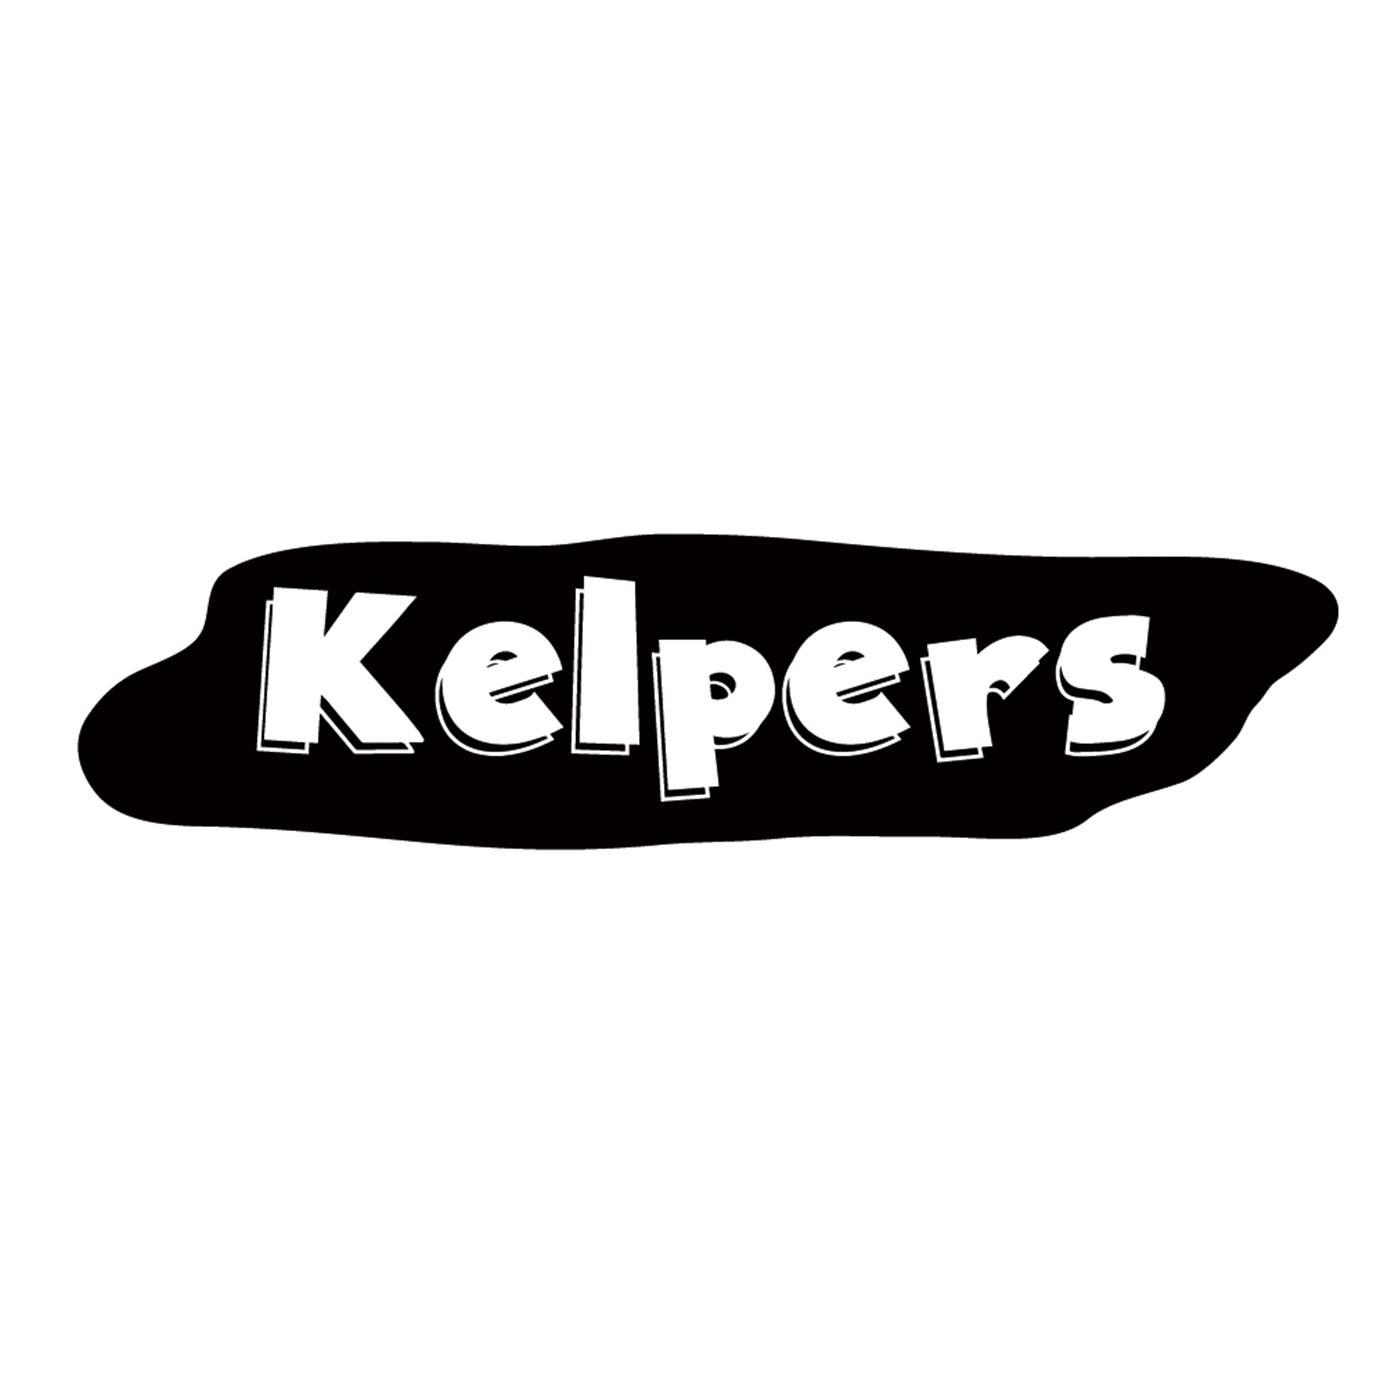 Kelpers